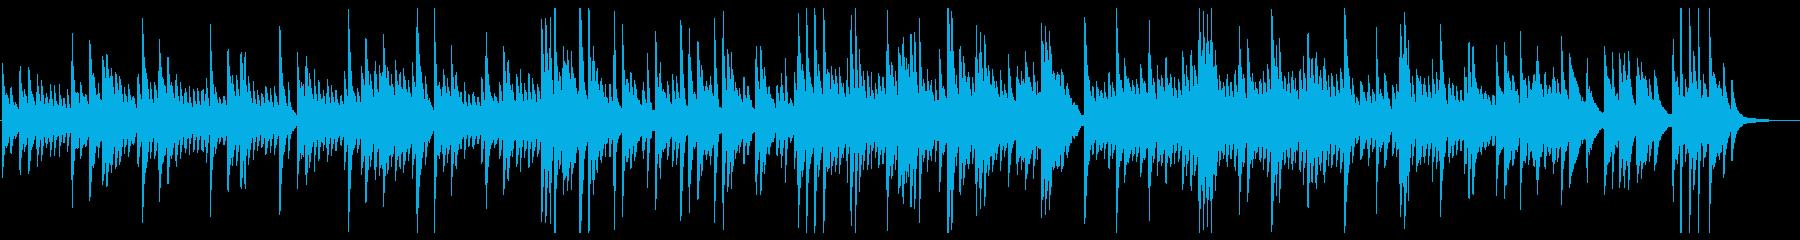 優しく感動的なピアノのバラードの再生済みの波形